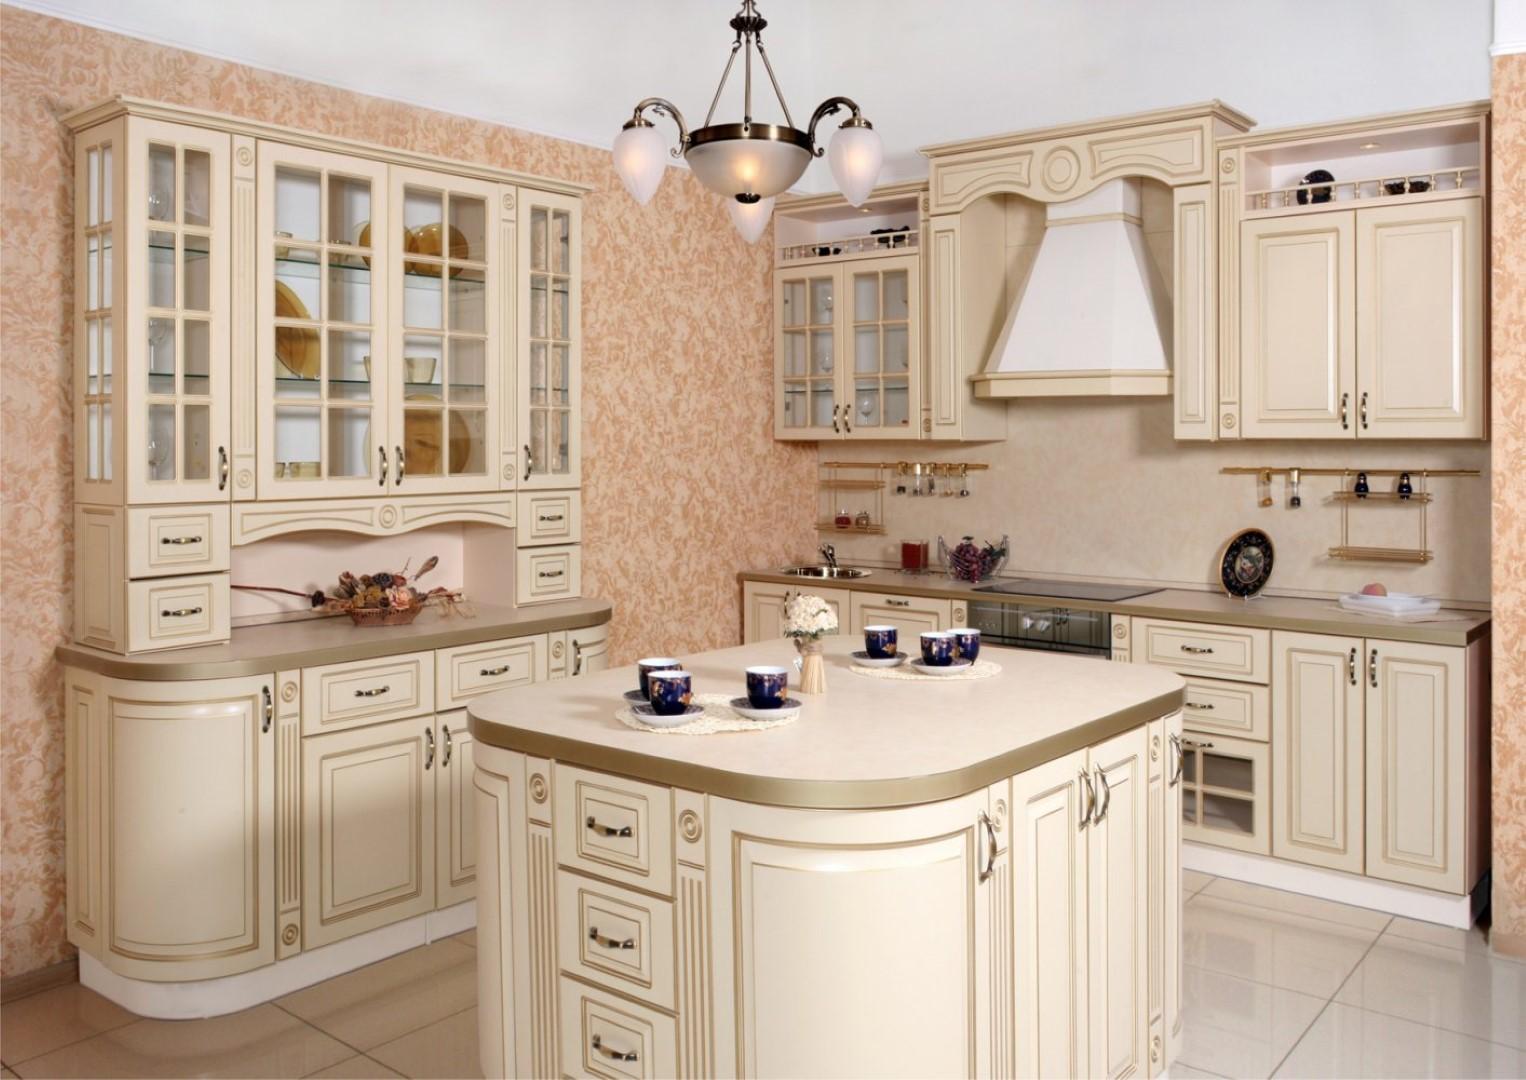 кухонный гарнитур в цвете ваниль и крем-брюле оформление